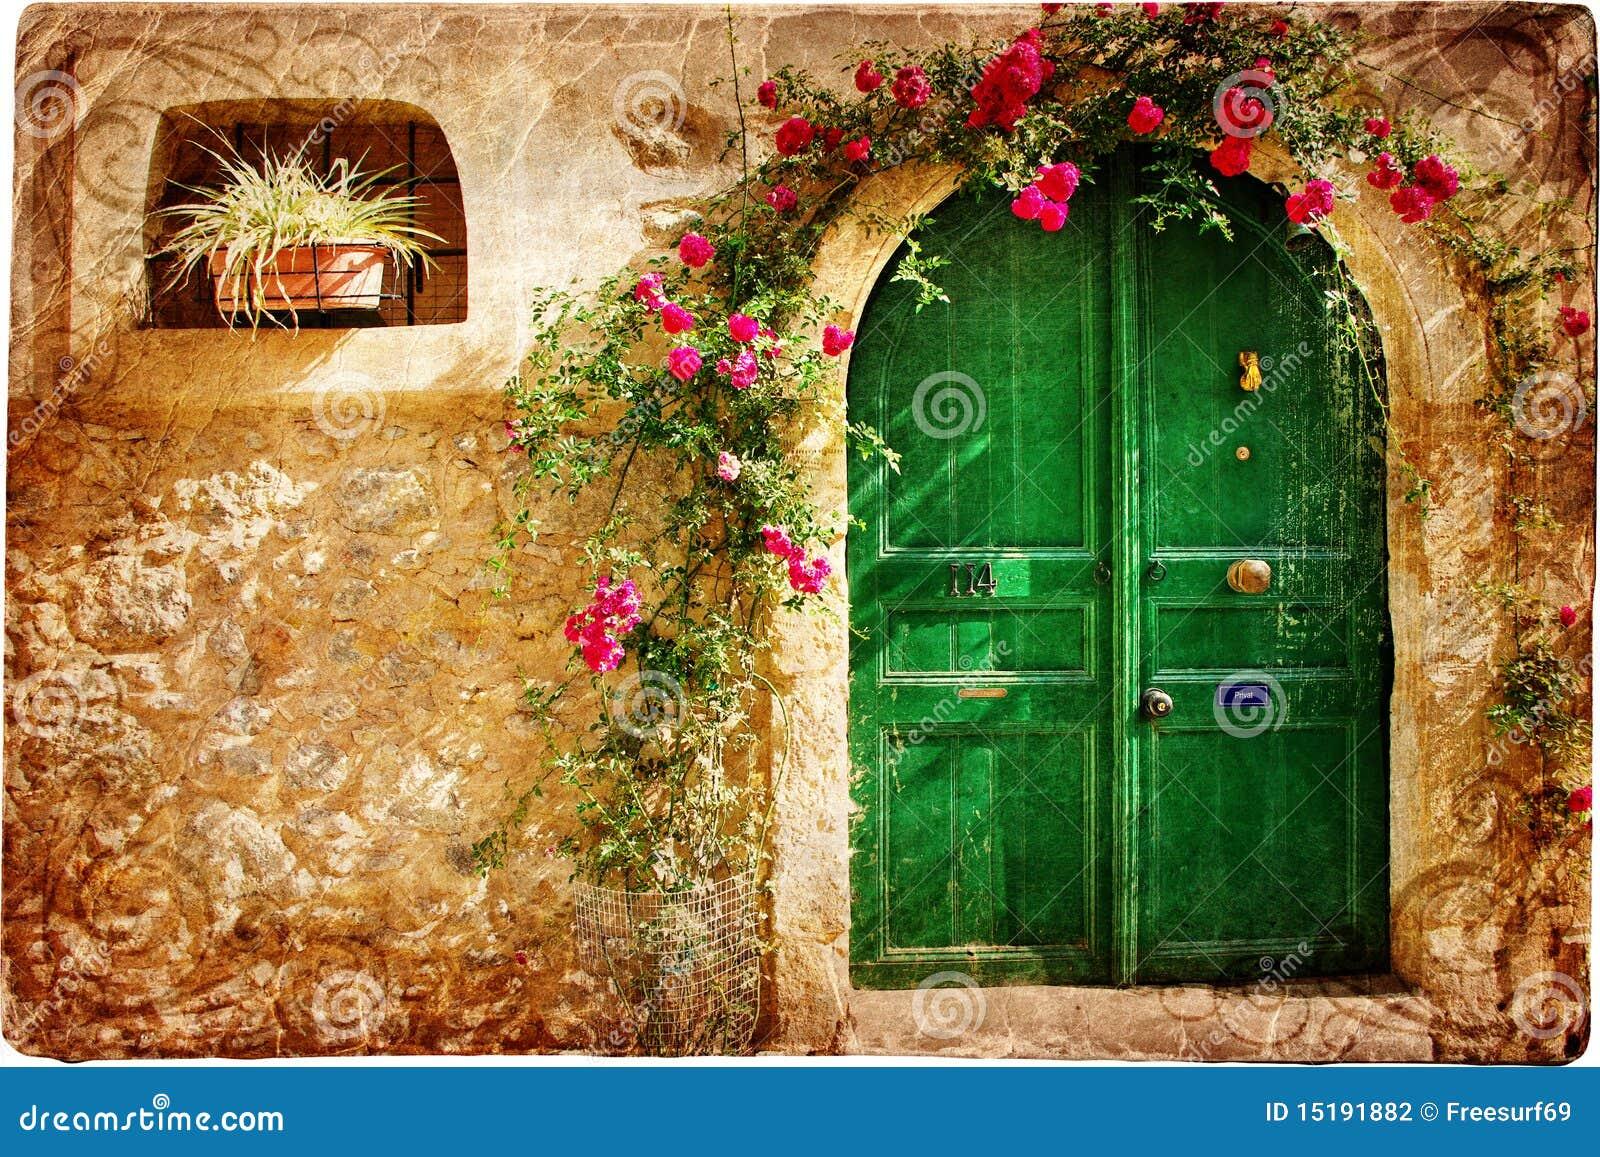 Doors of Greece